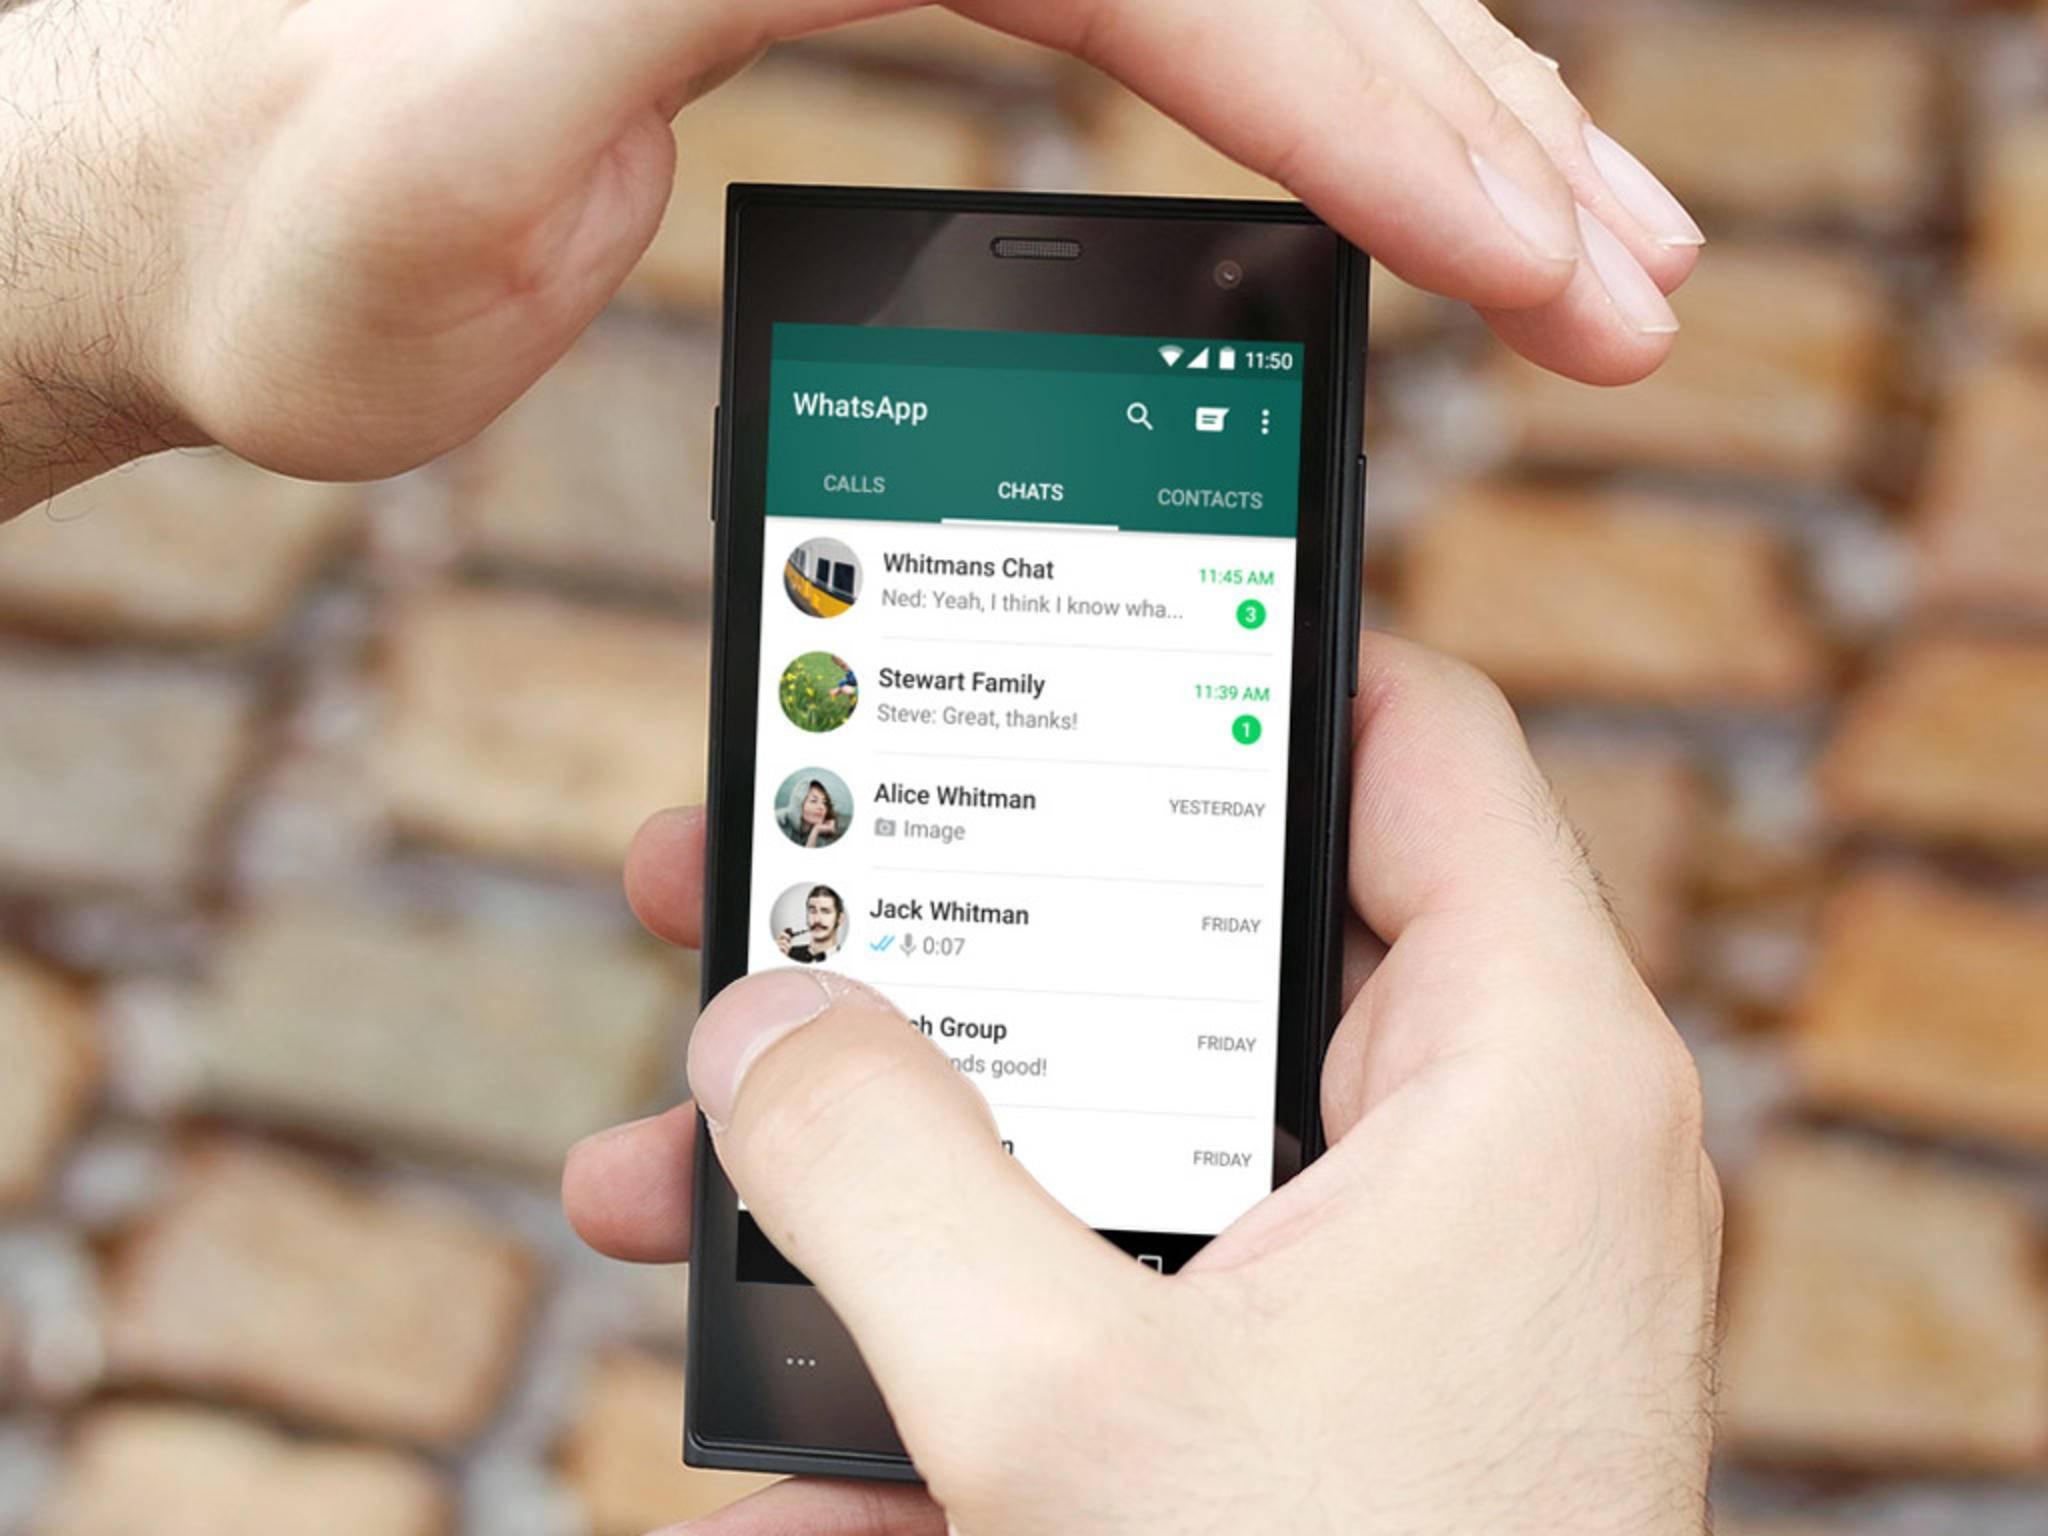 Lassen sich fremde WhatsApp-Chats wirklich einfach mitlesen?